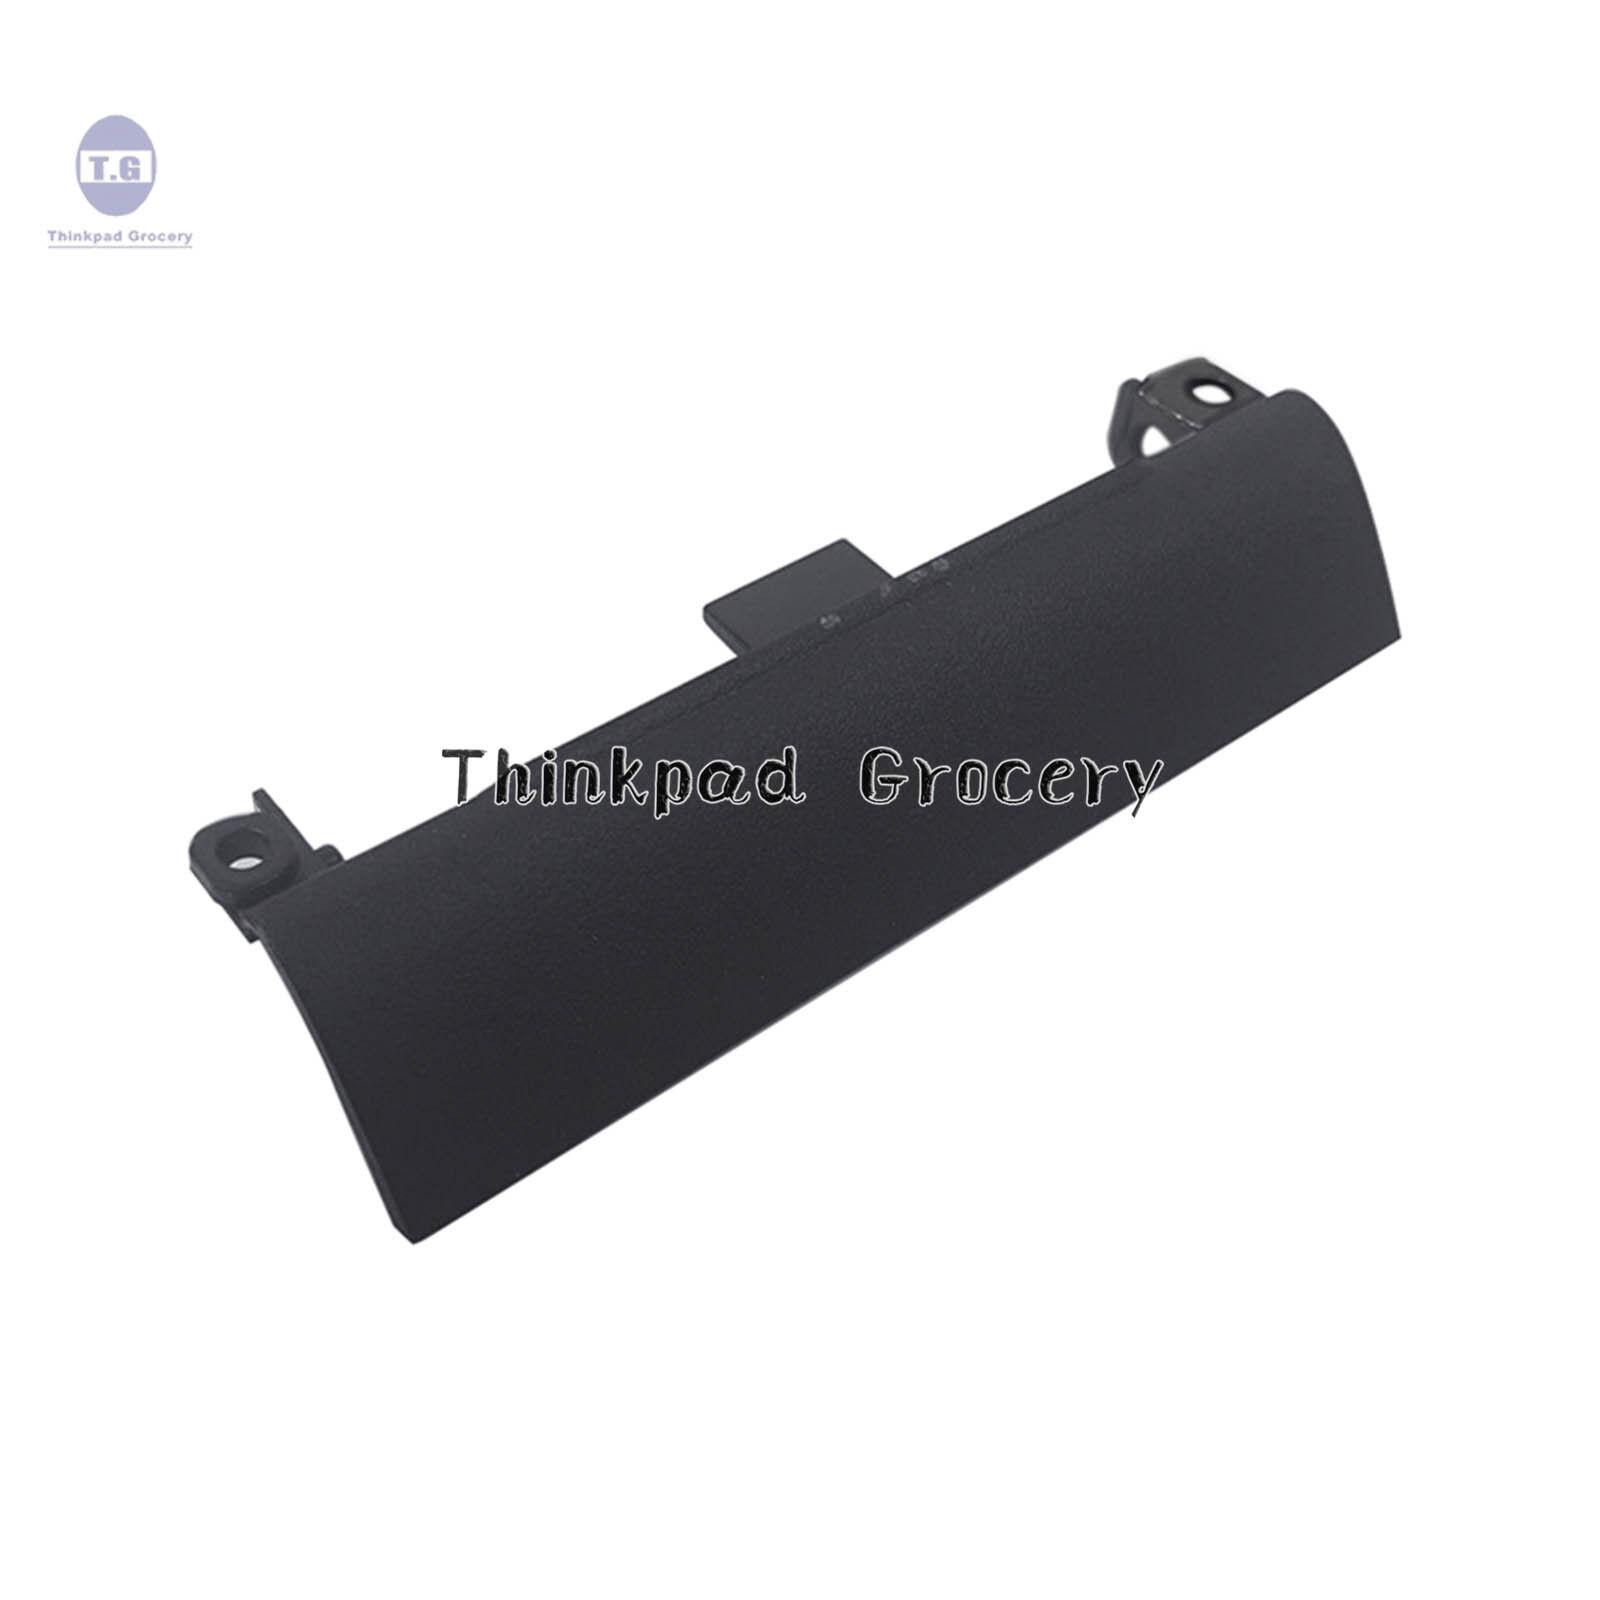 как выглядит Корпус, контейнер или запчасть для жесткого диска FOR Dell Latitude  E6430s E6330 Laptop Hard drive HDD Caddy Cover Door 7G4VK фото